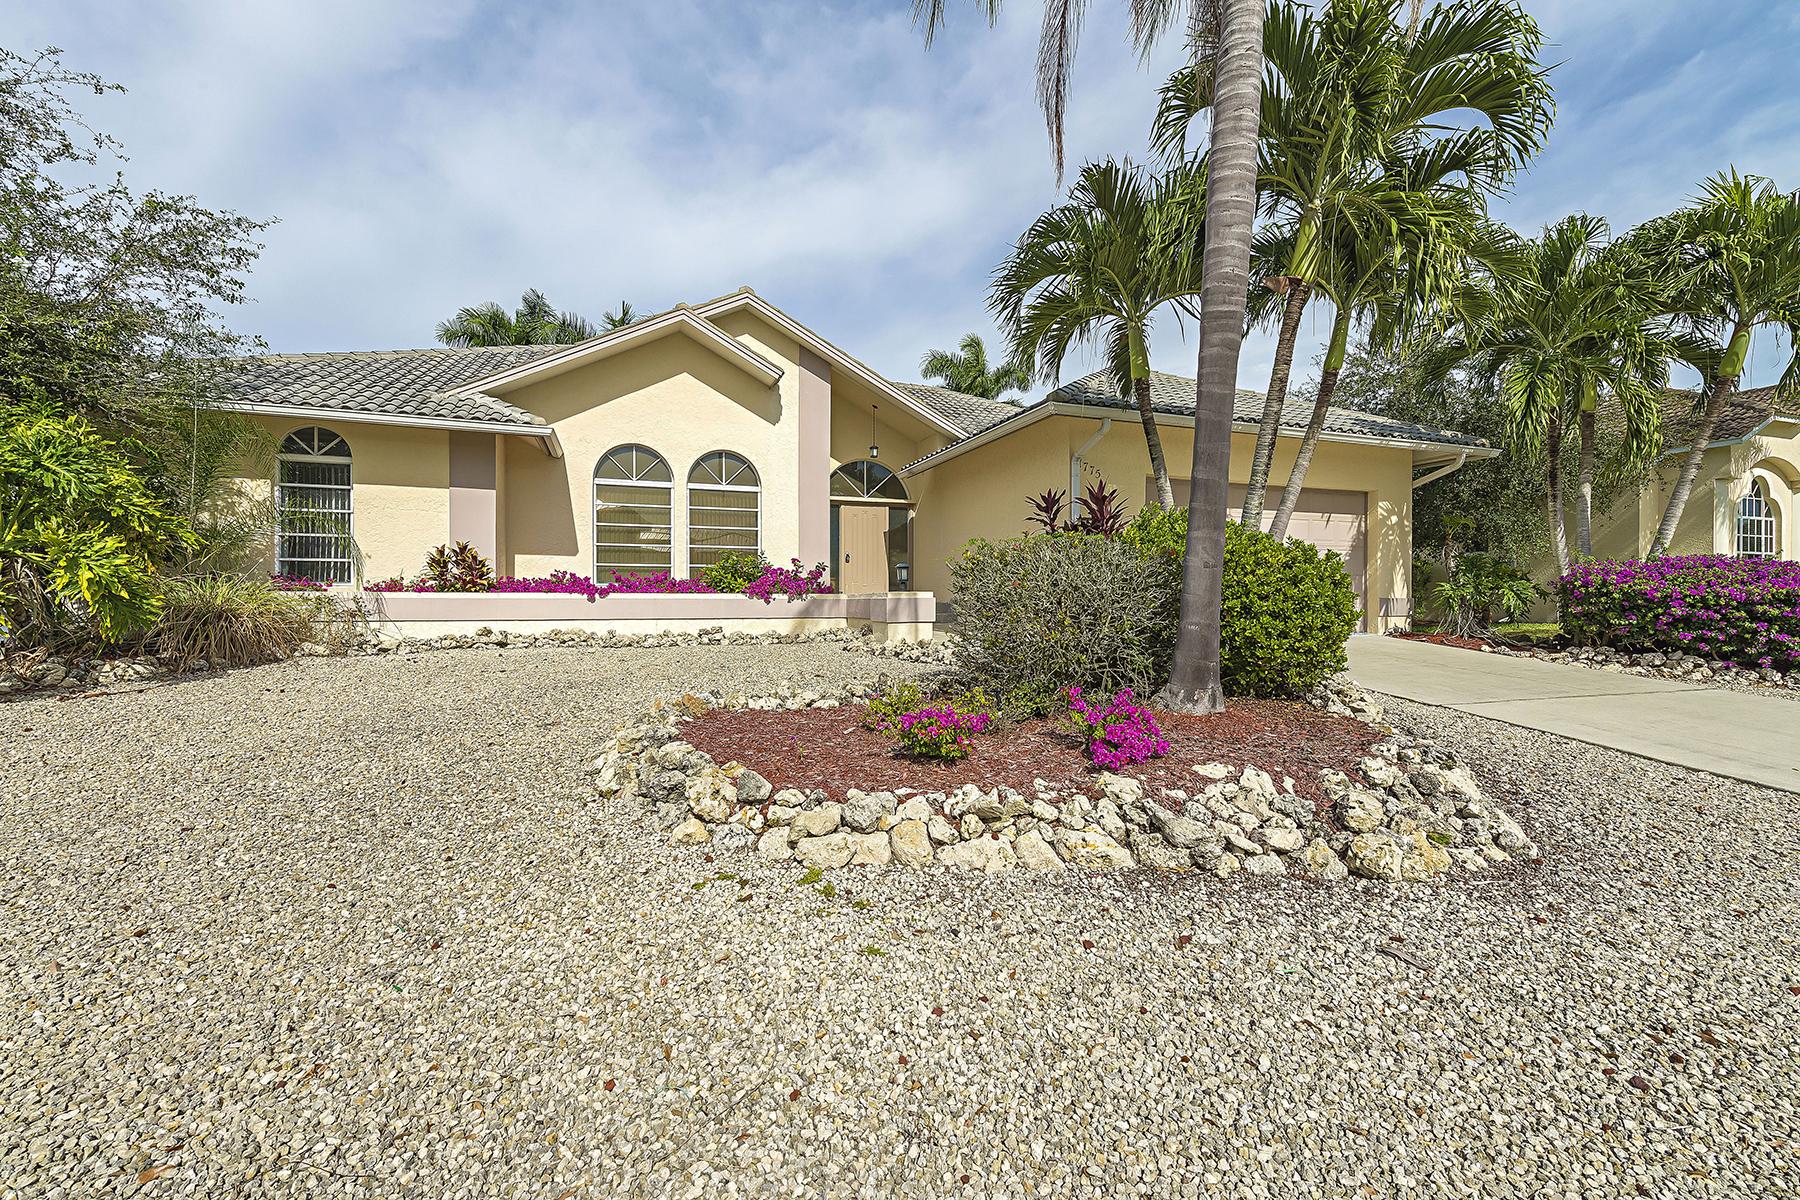 獨棟家庭住宅 為 出售 在 MARCO ISLAND - WATERFALL CT. 1775 Waterfall Ct Marco Island, 佛羅里達州, 34145 美國